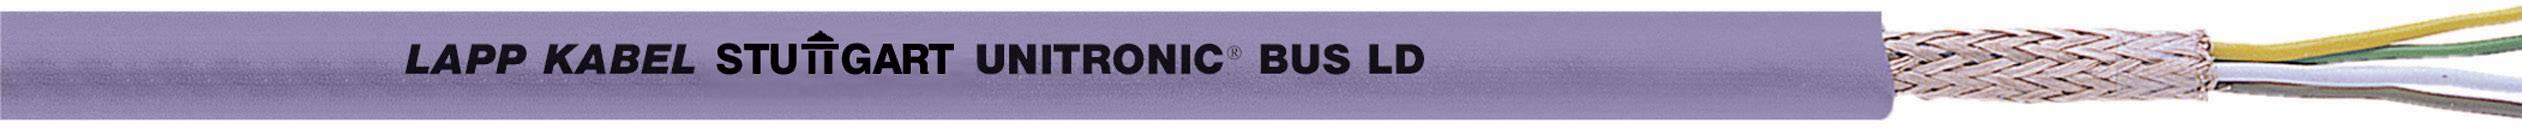 Sběrnicový kabel LappKabel UNITRONIC® BUS 2170203, vnější Ø 5.70 mm, fialová, metrové zboží